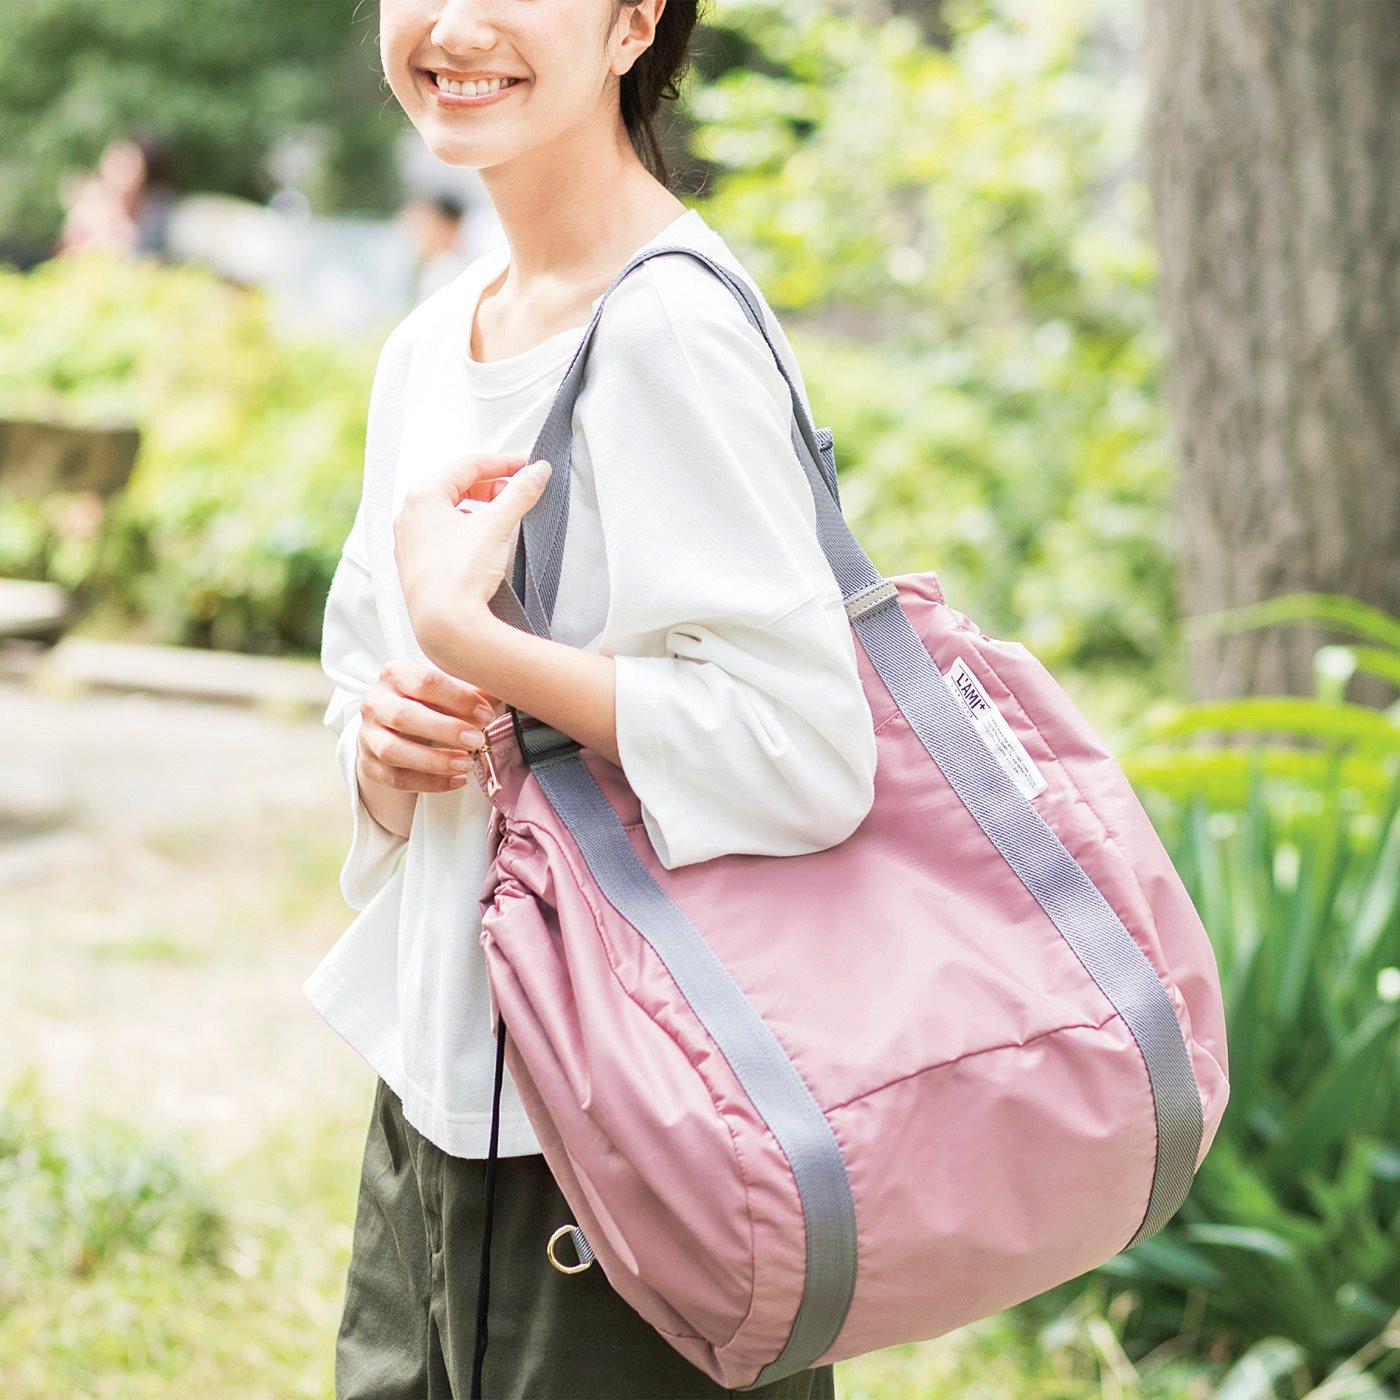 コロンと丸いショルダーバッグに変身。大容量でも肩掛けだかららくらく。